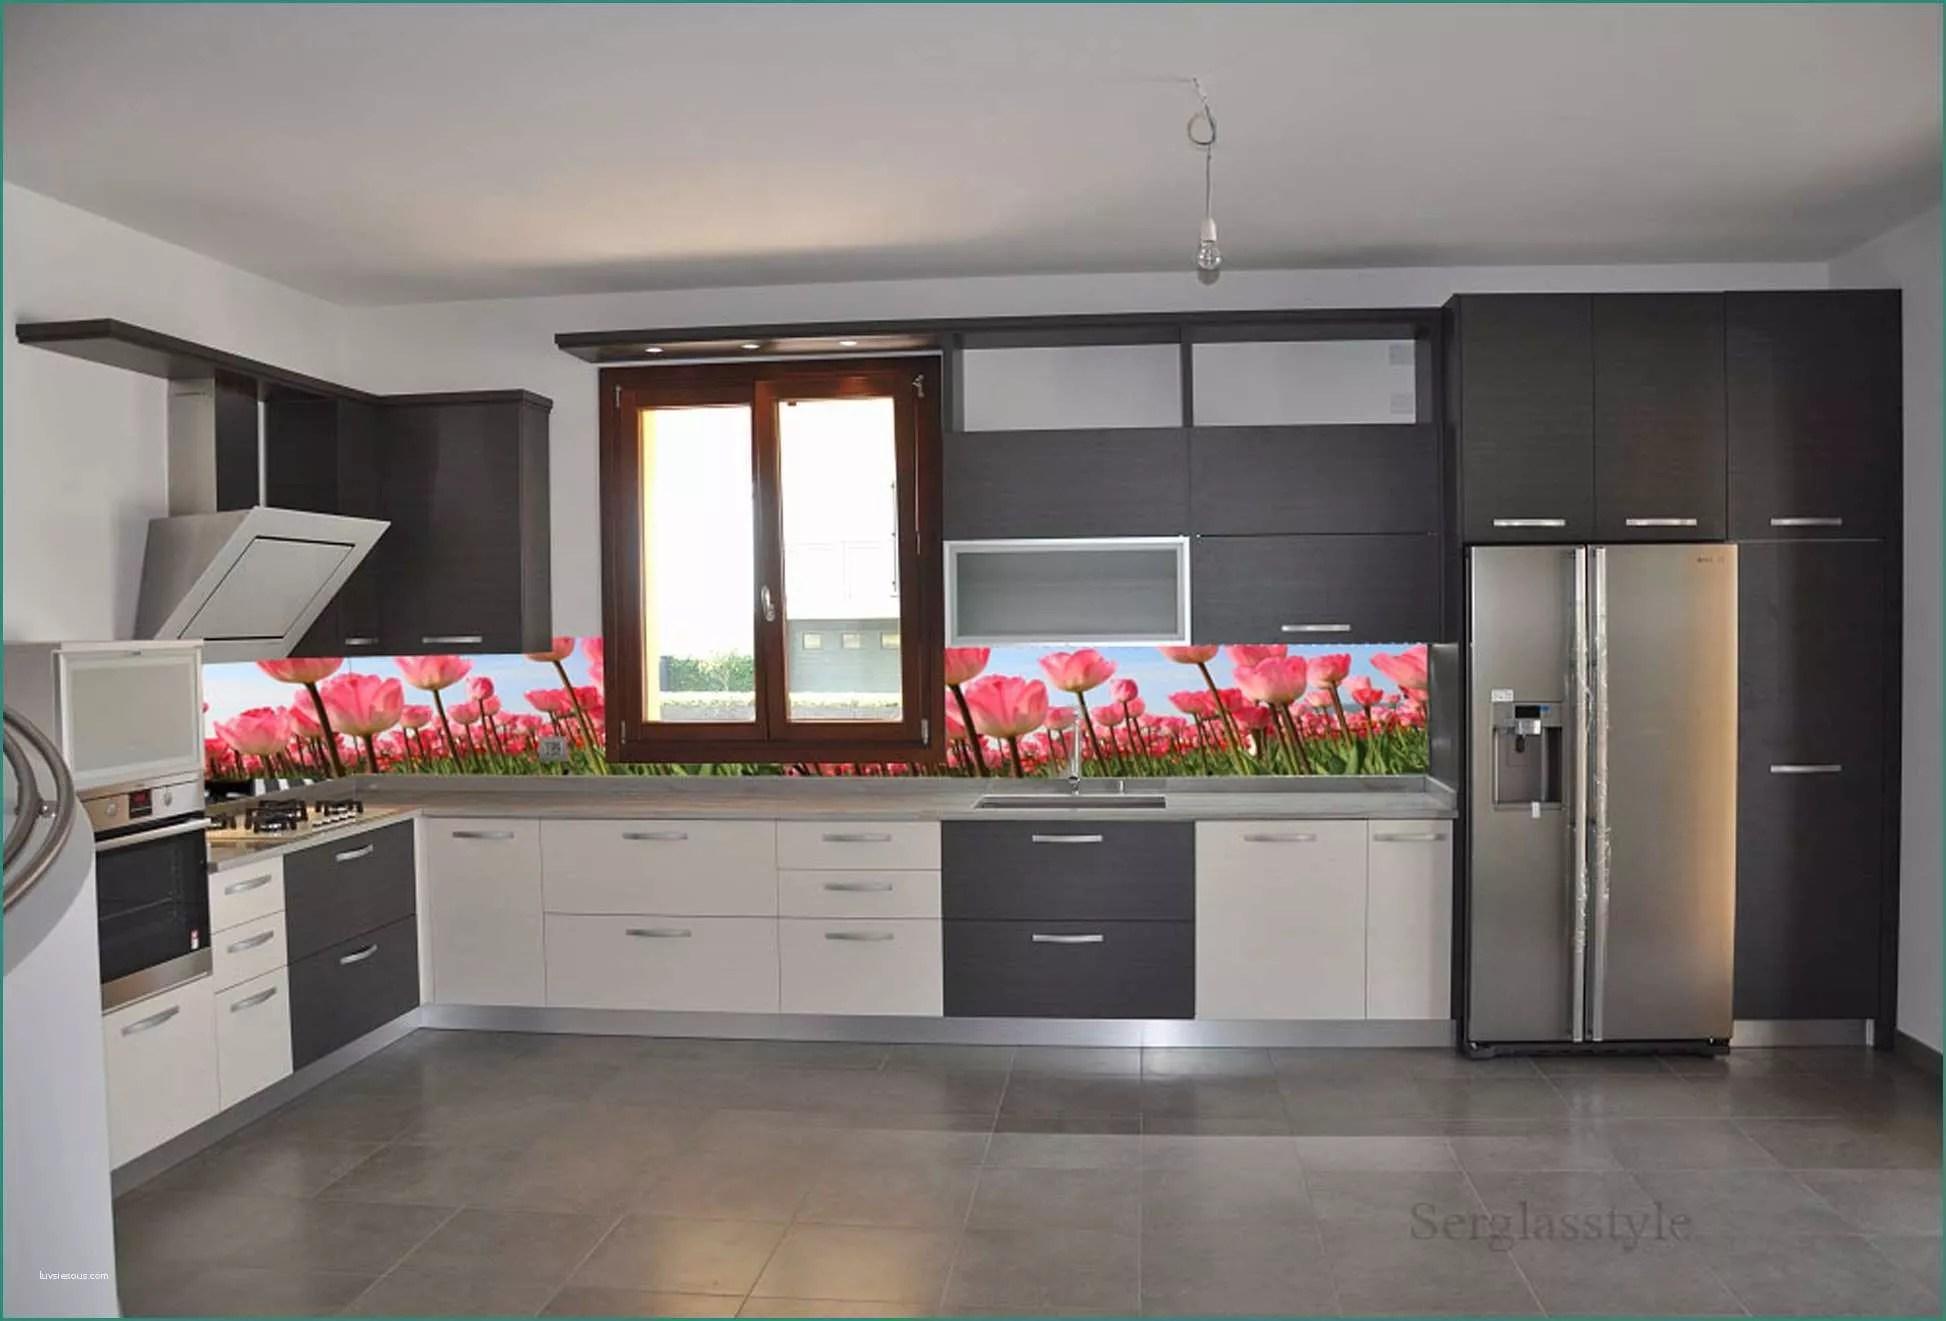 Cucine Moderne Bianche E Cucine Super Moderne Awesome Foto